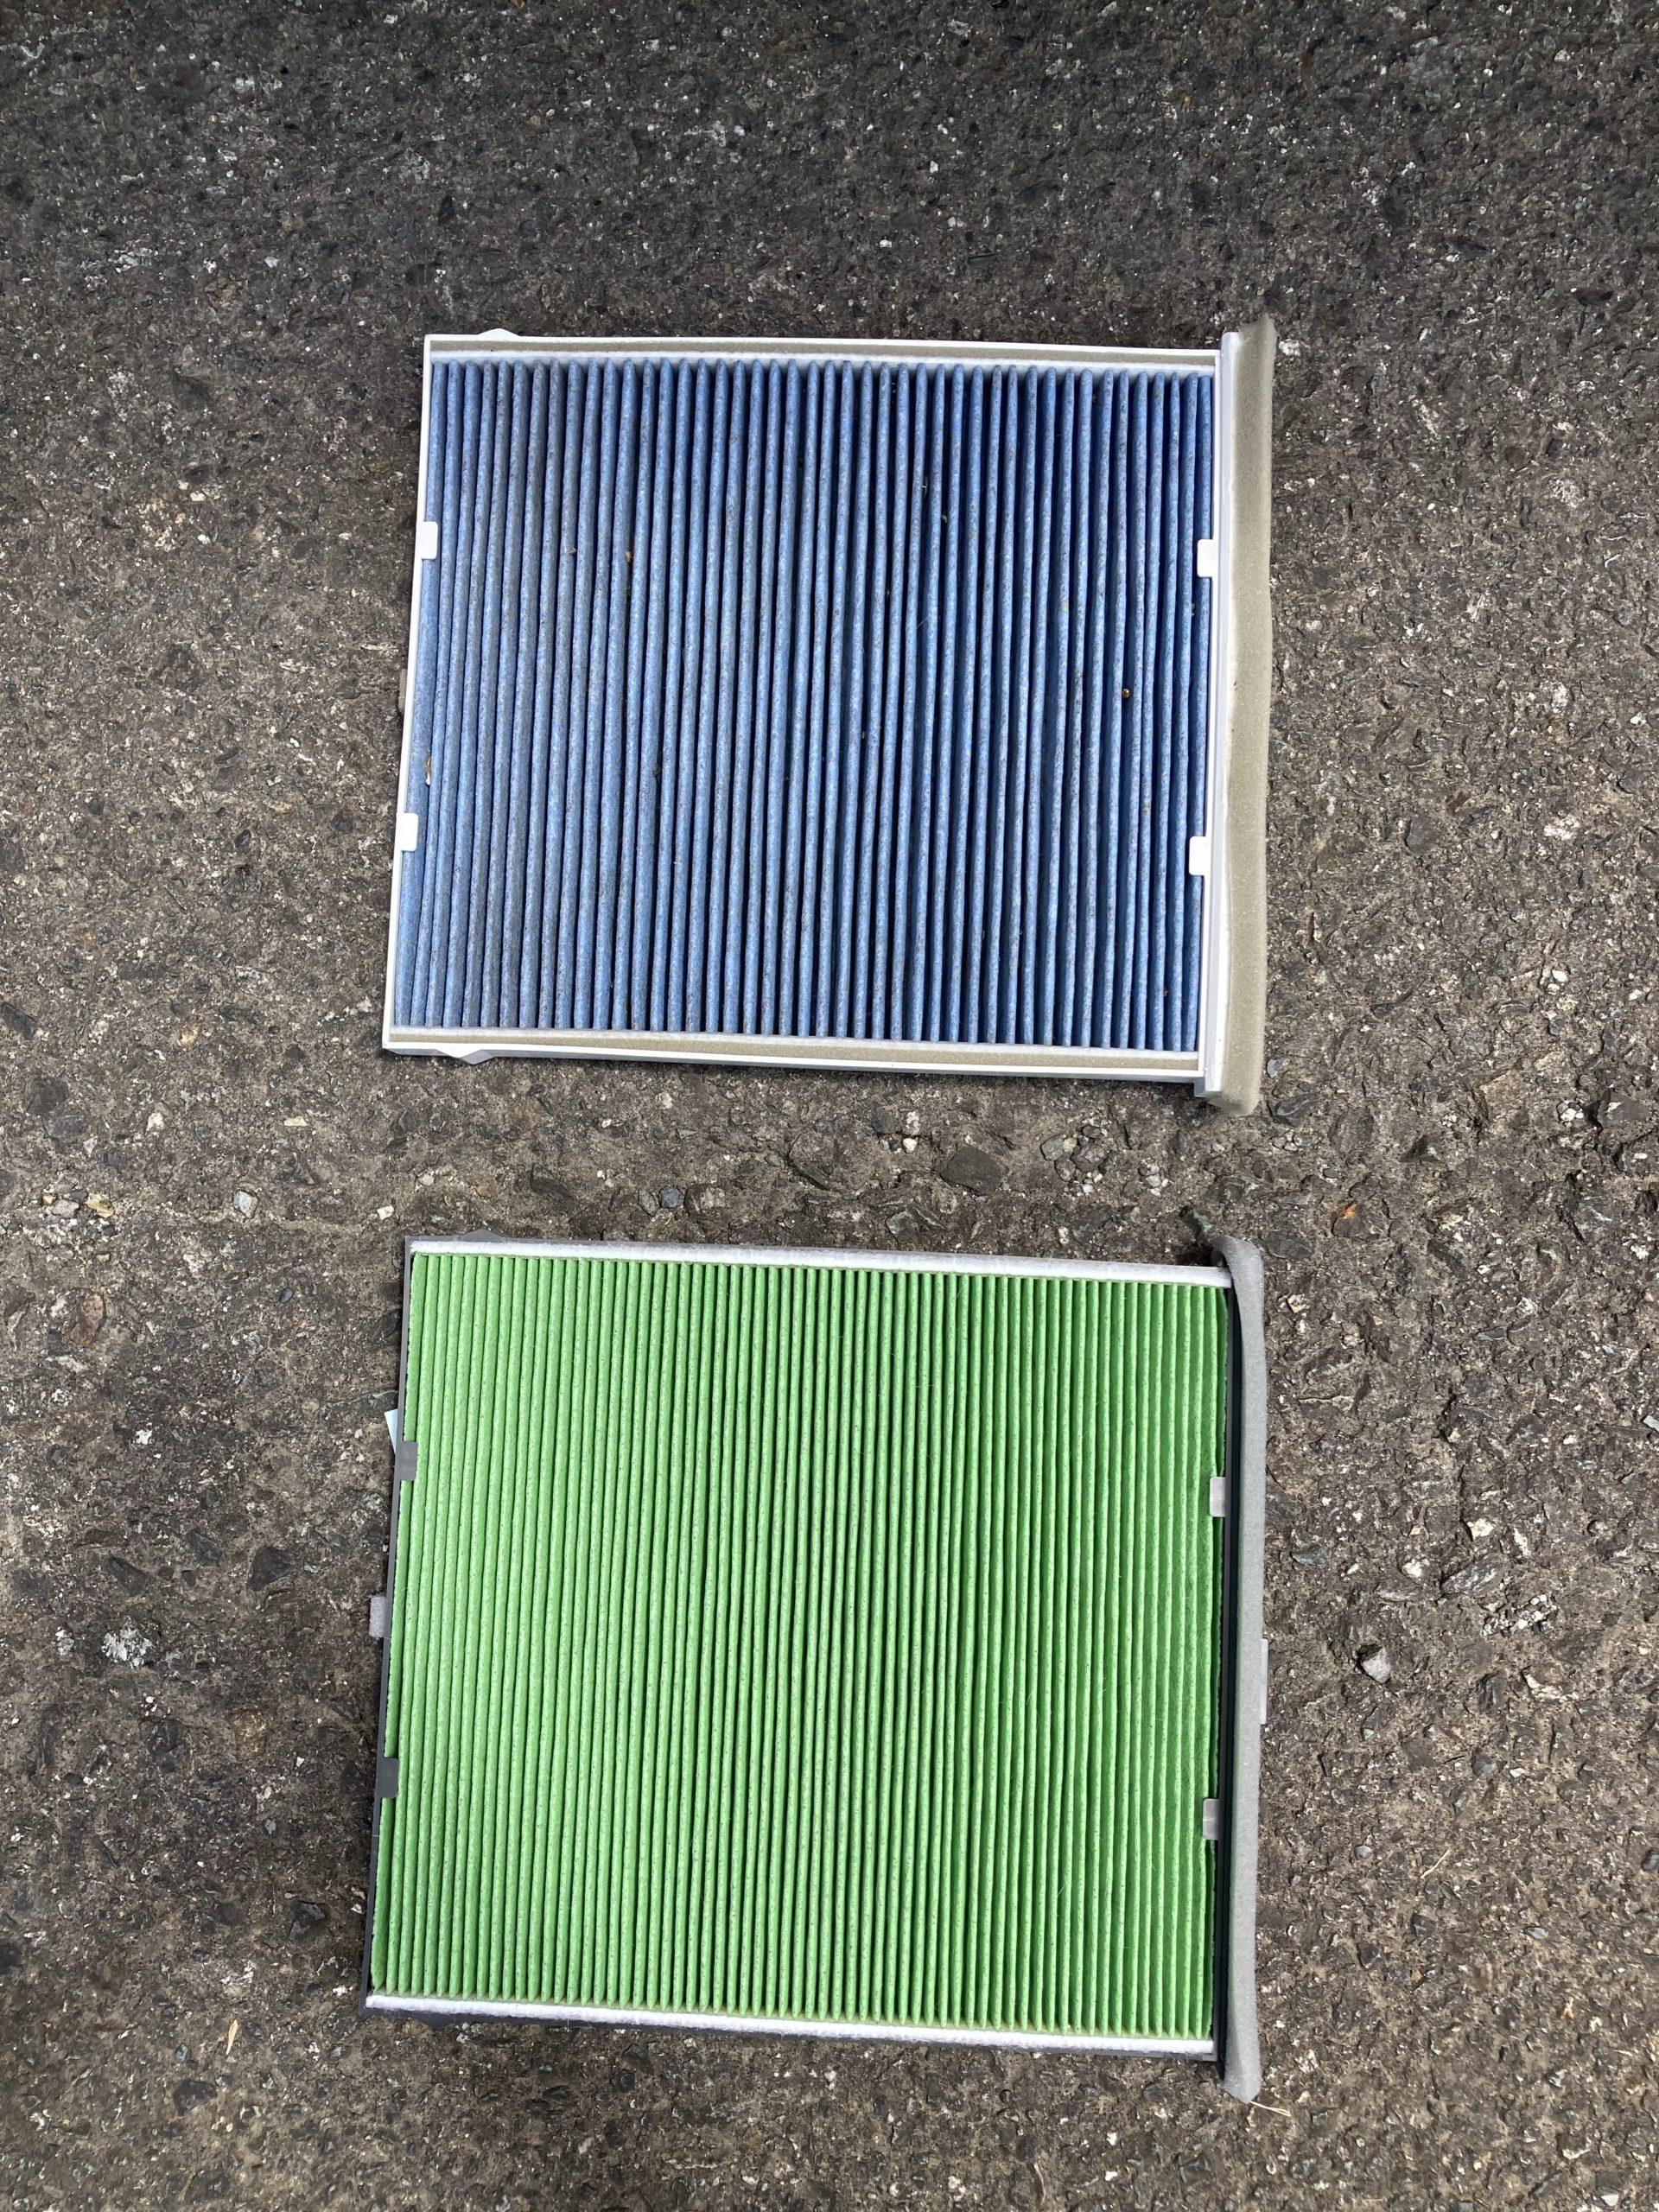 エアコンフィルタの比較写真